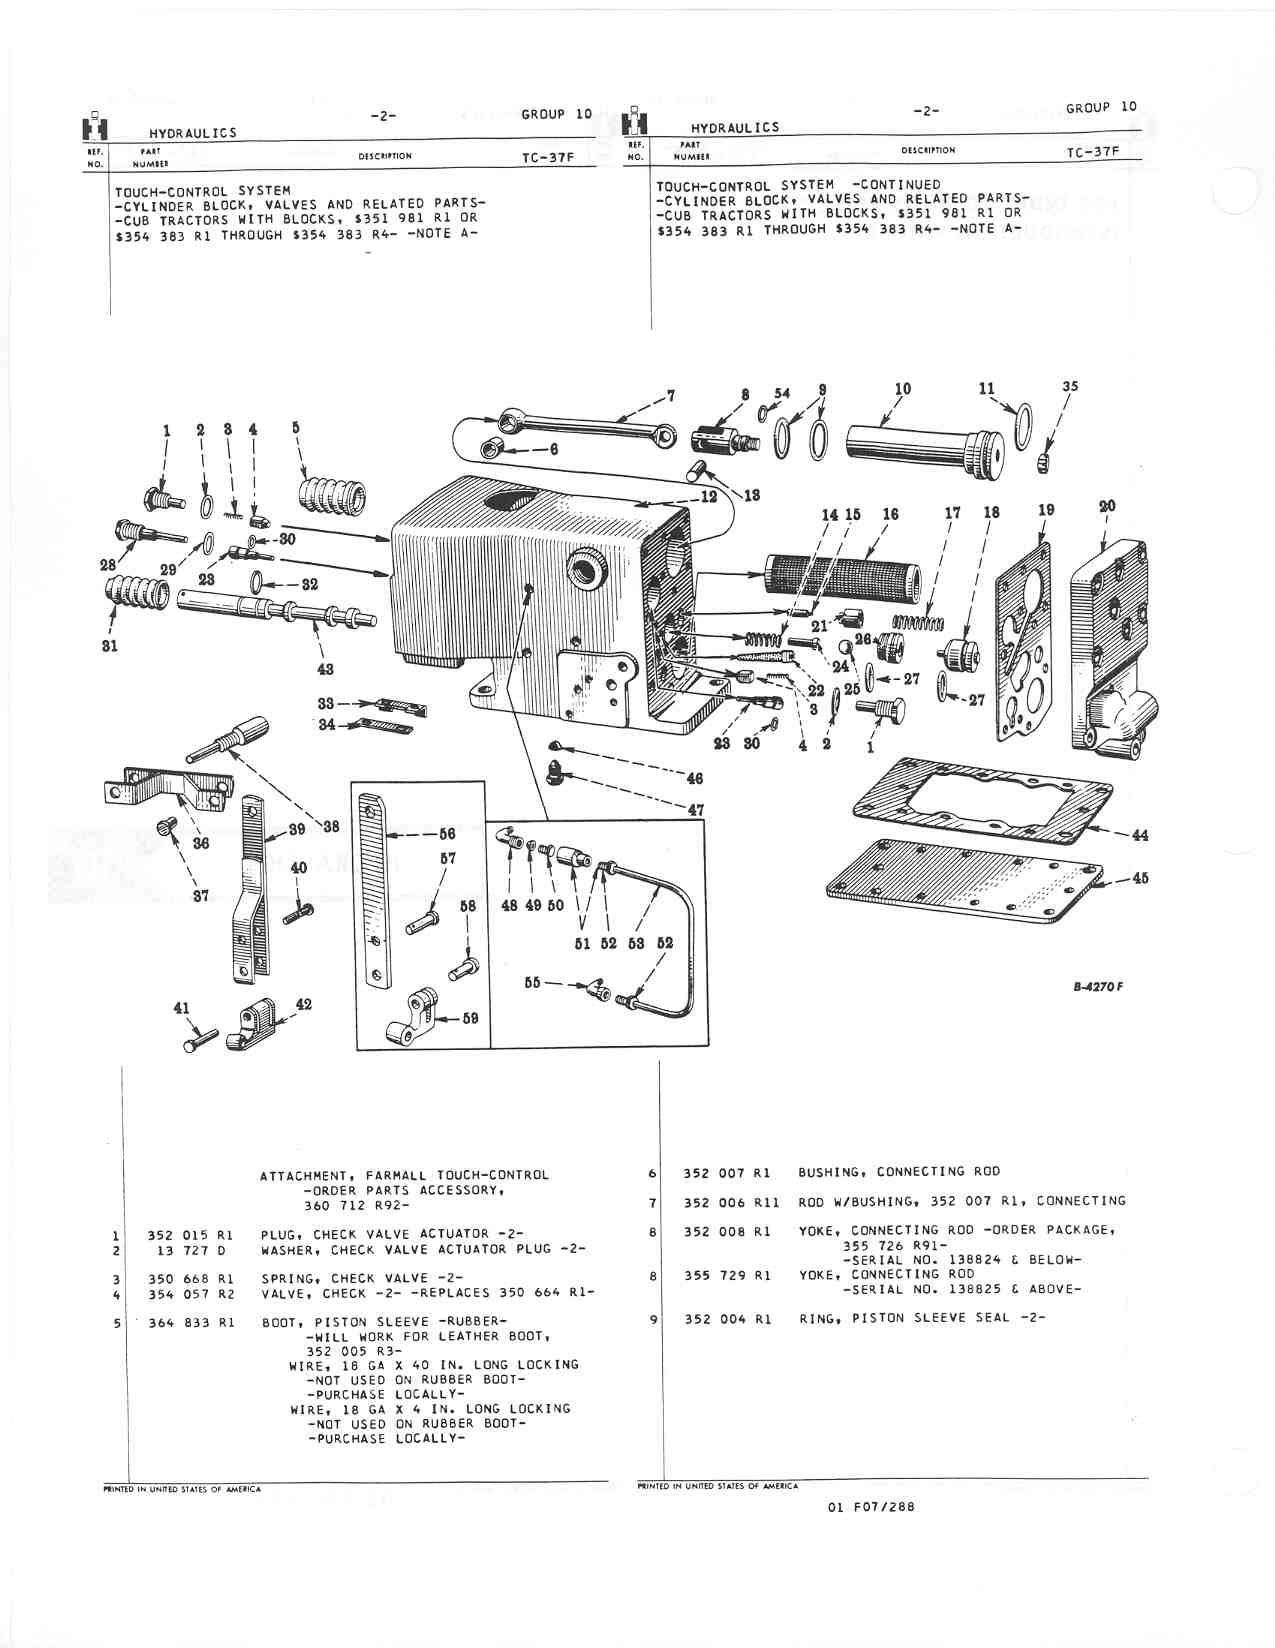 12 Volt Hydraulic Pump Wiring Diagram